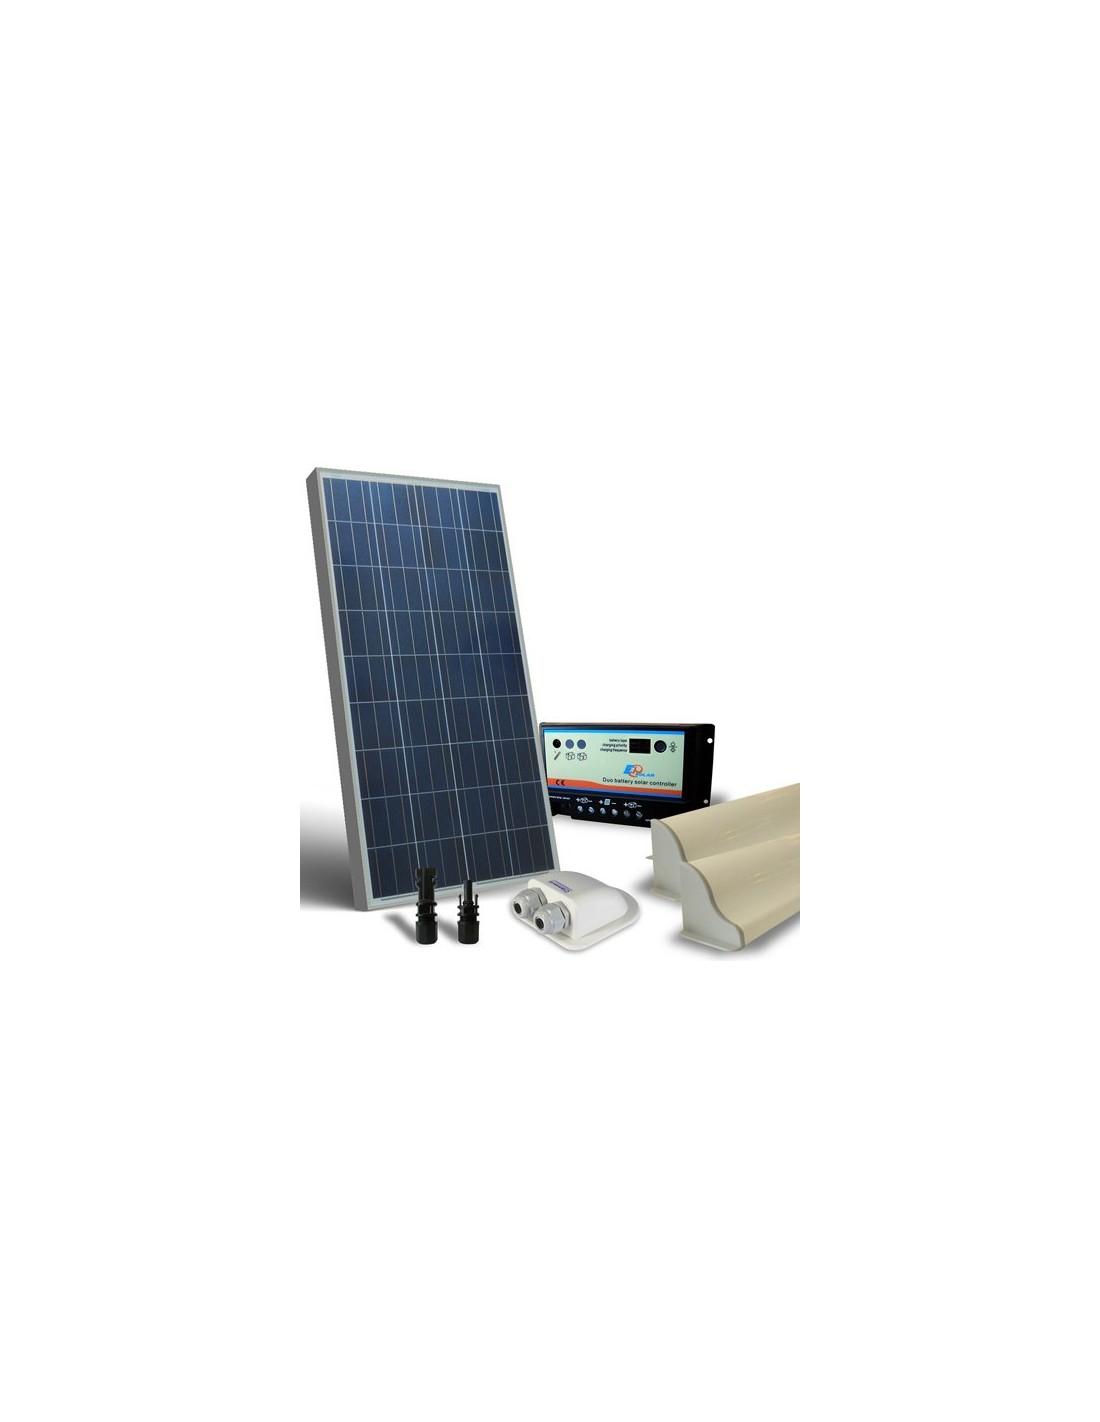 Kit Pannello Solare Camper 150w : Kit solare camper w v base pannello fotovoltaico